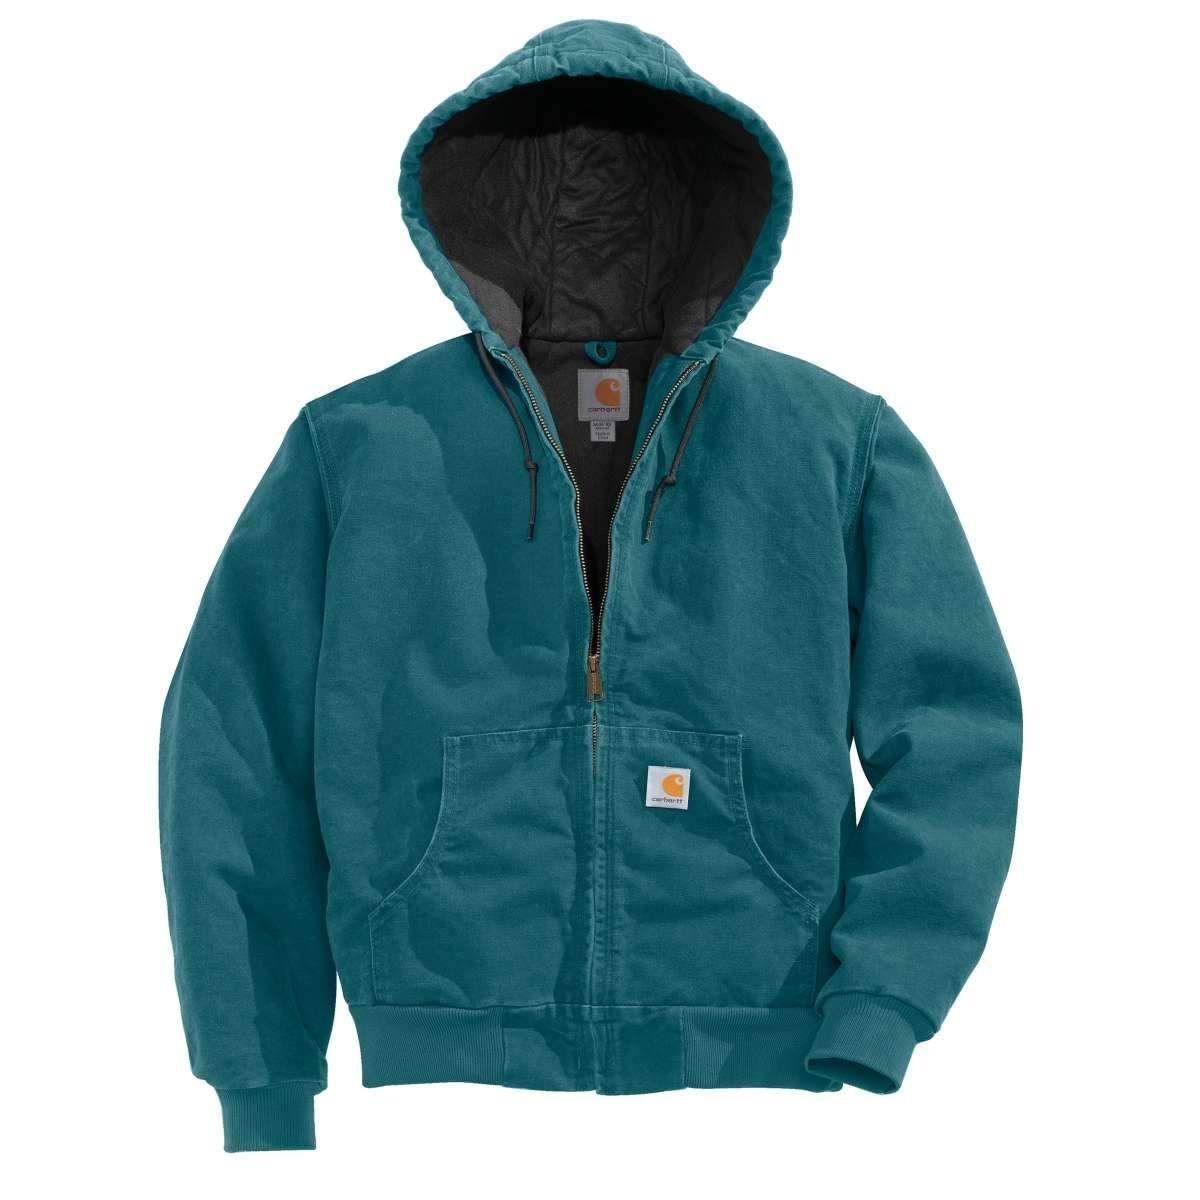 7c856ea1ce9 Carhartt Women s Dark Teal Sandstone Active Jacket